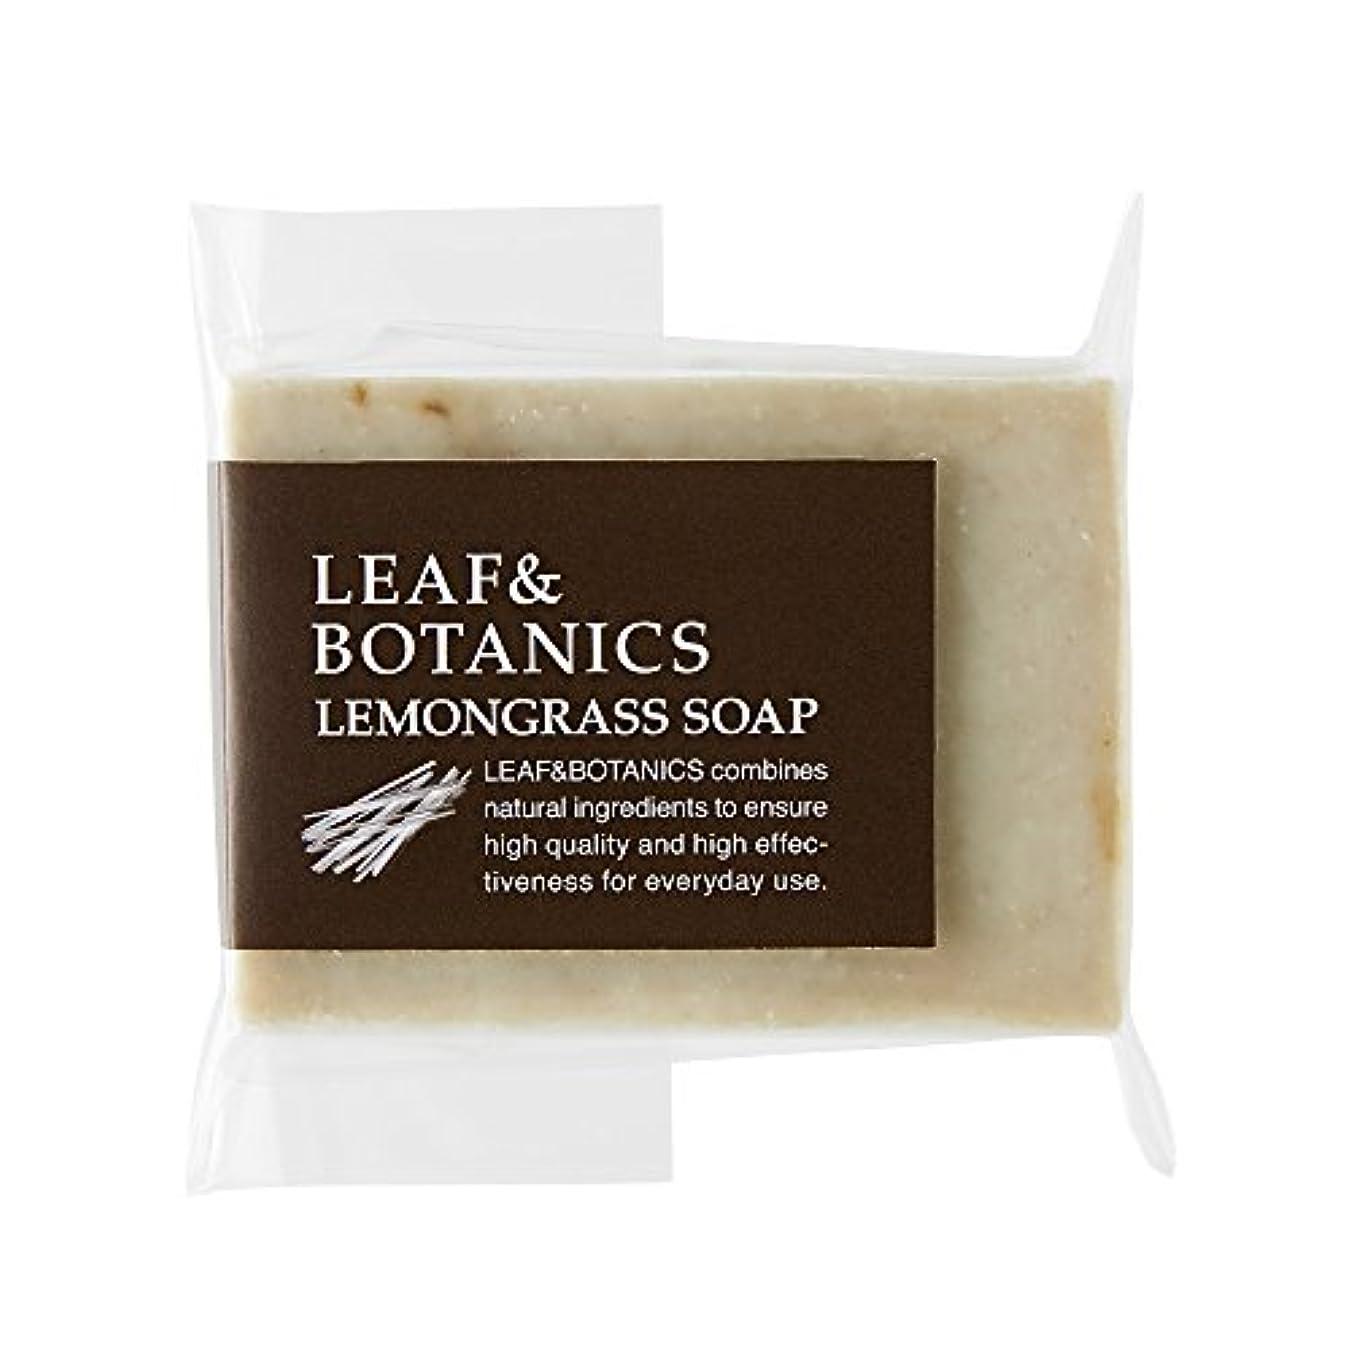 息切れ相対的麦芽リーフ&ボタニクス マザーソープ レモングラス